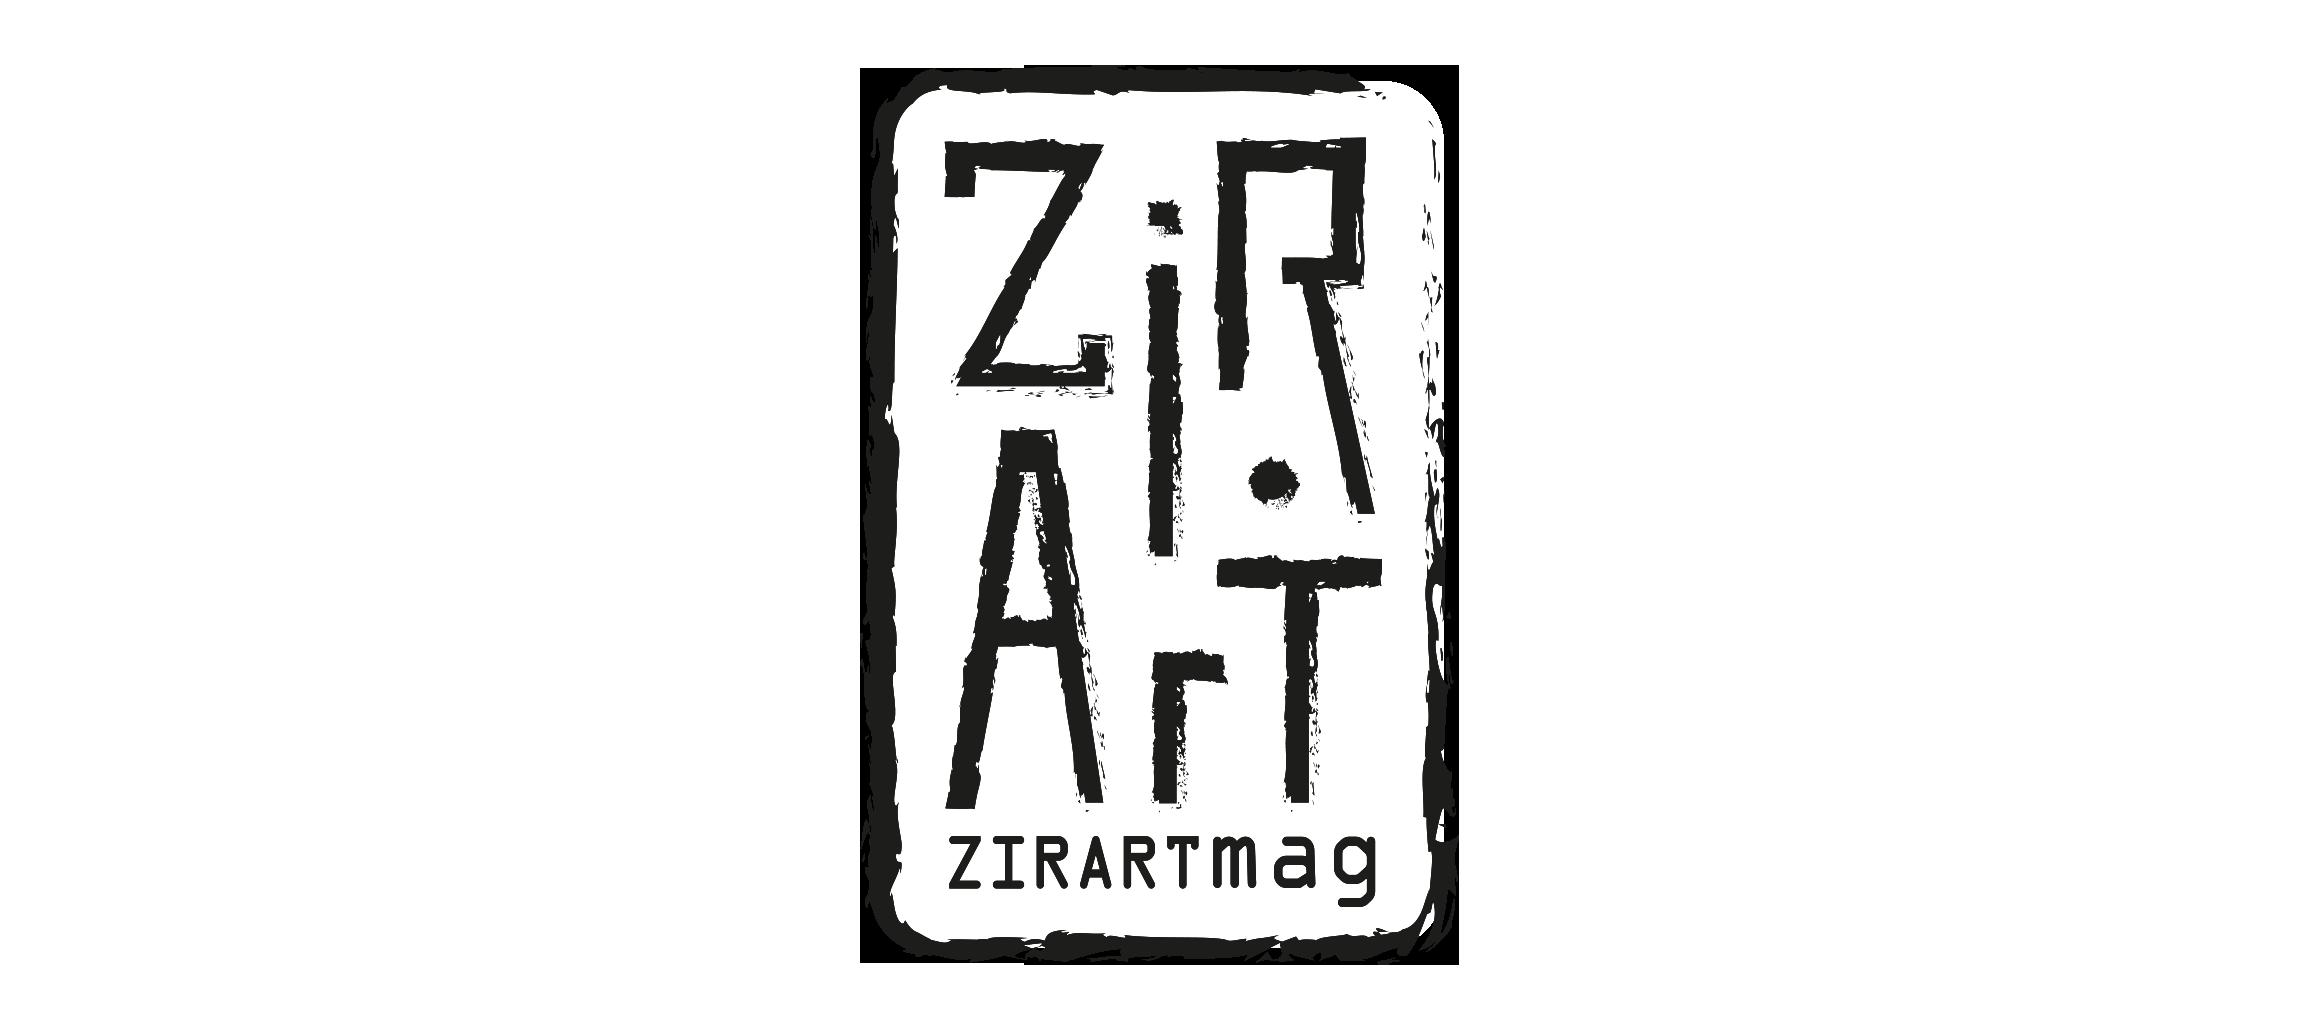 ZirArtmag